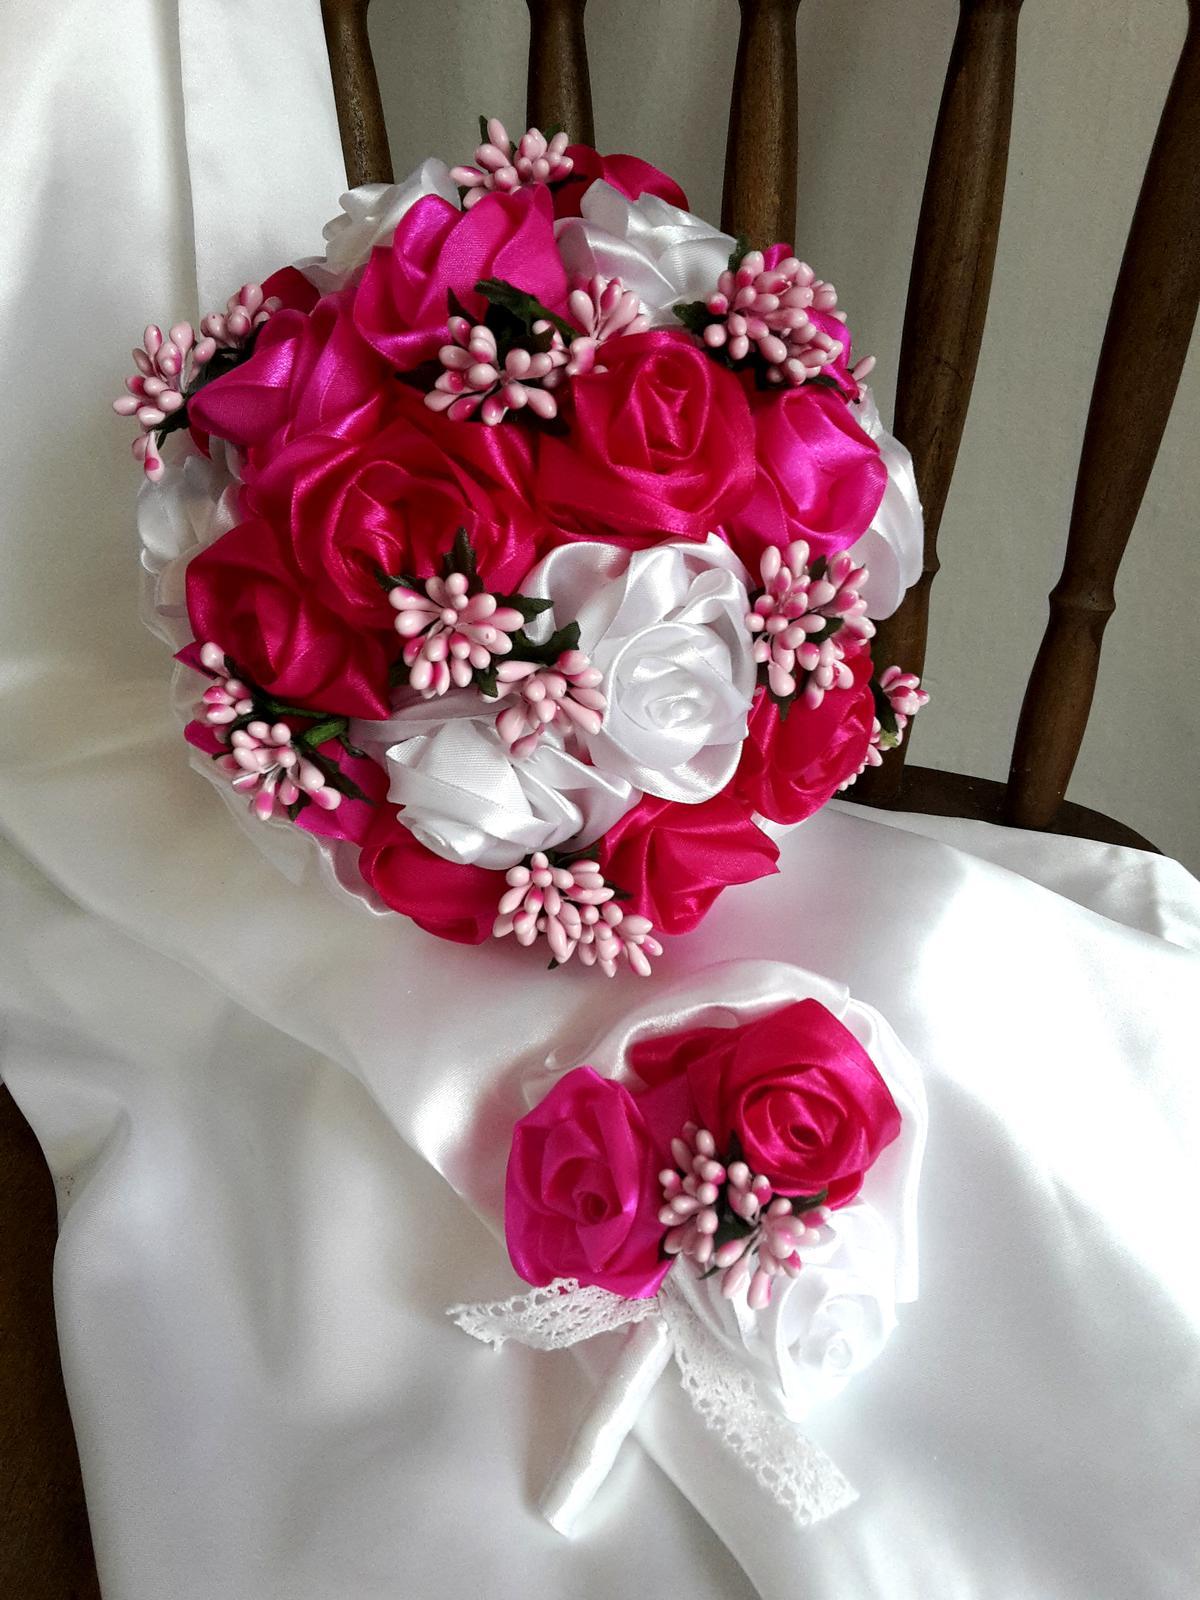 Saténové ruže-bielo cyklámenové,pošta v cene - Obrázok č. 2